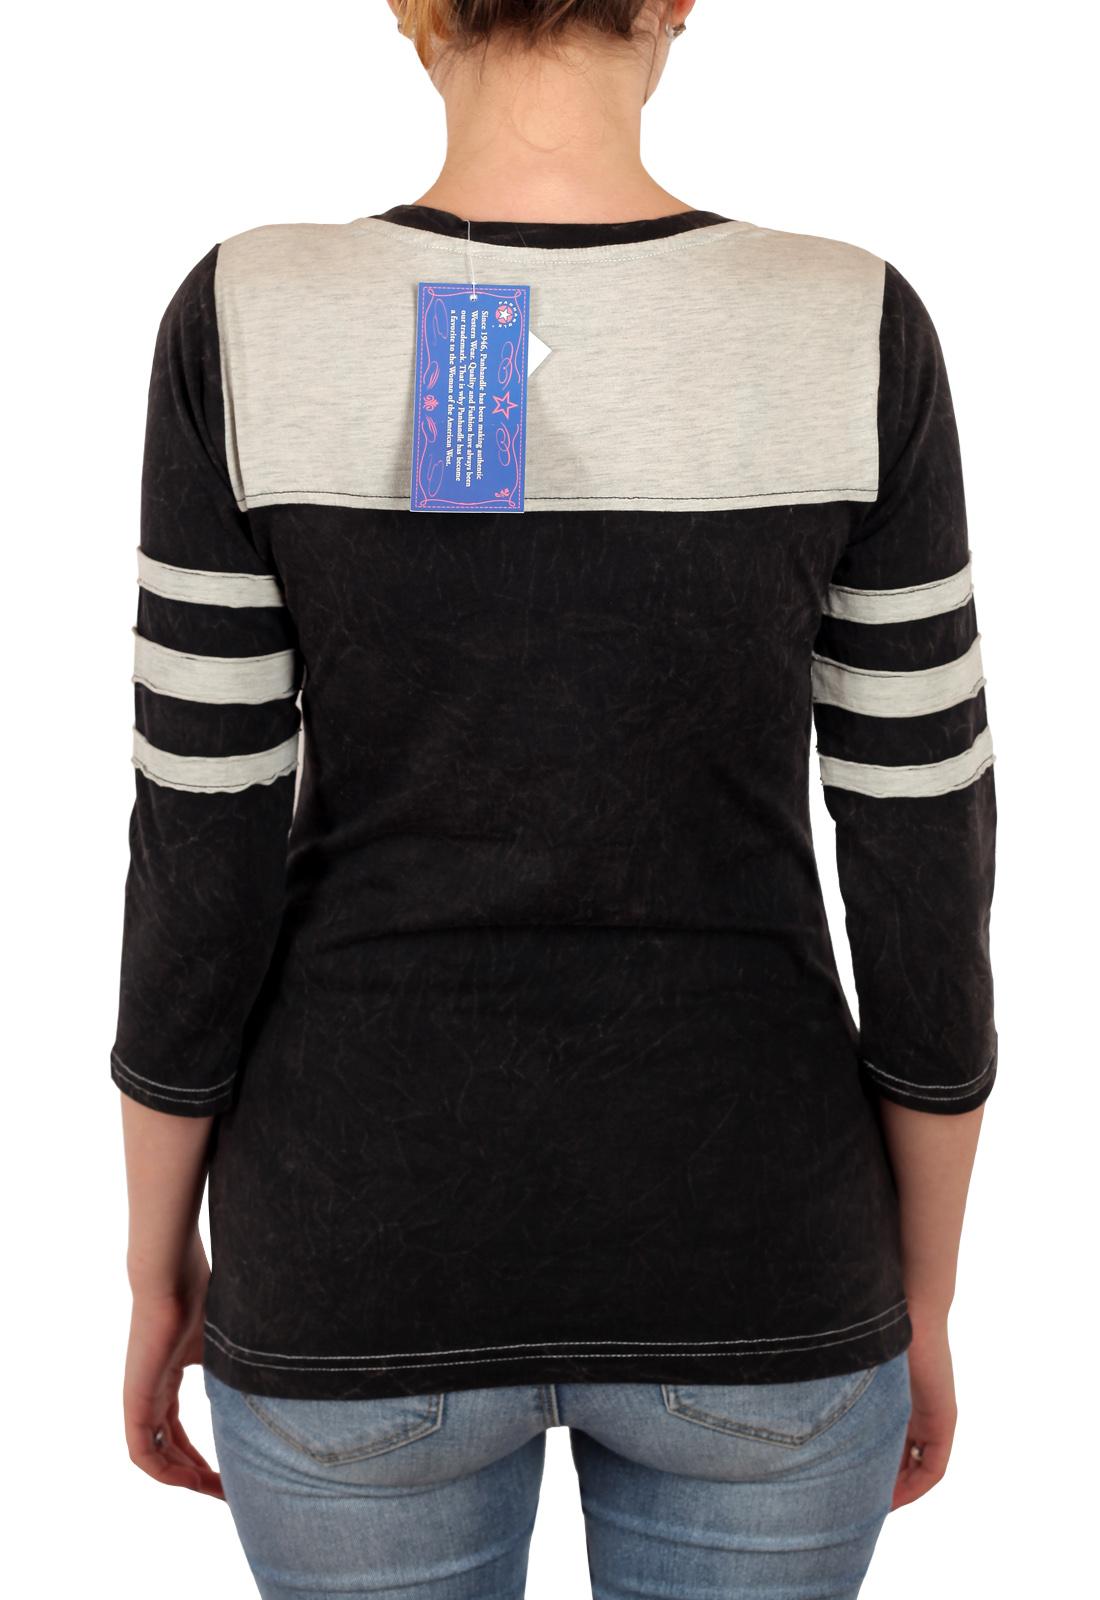 Молодежная женская кофта с рукавом ¾. Тренд сезона от бренда Panhandle. Яркий принт + нашивки-заплатки